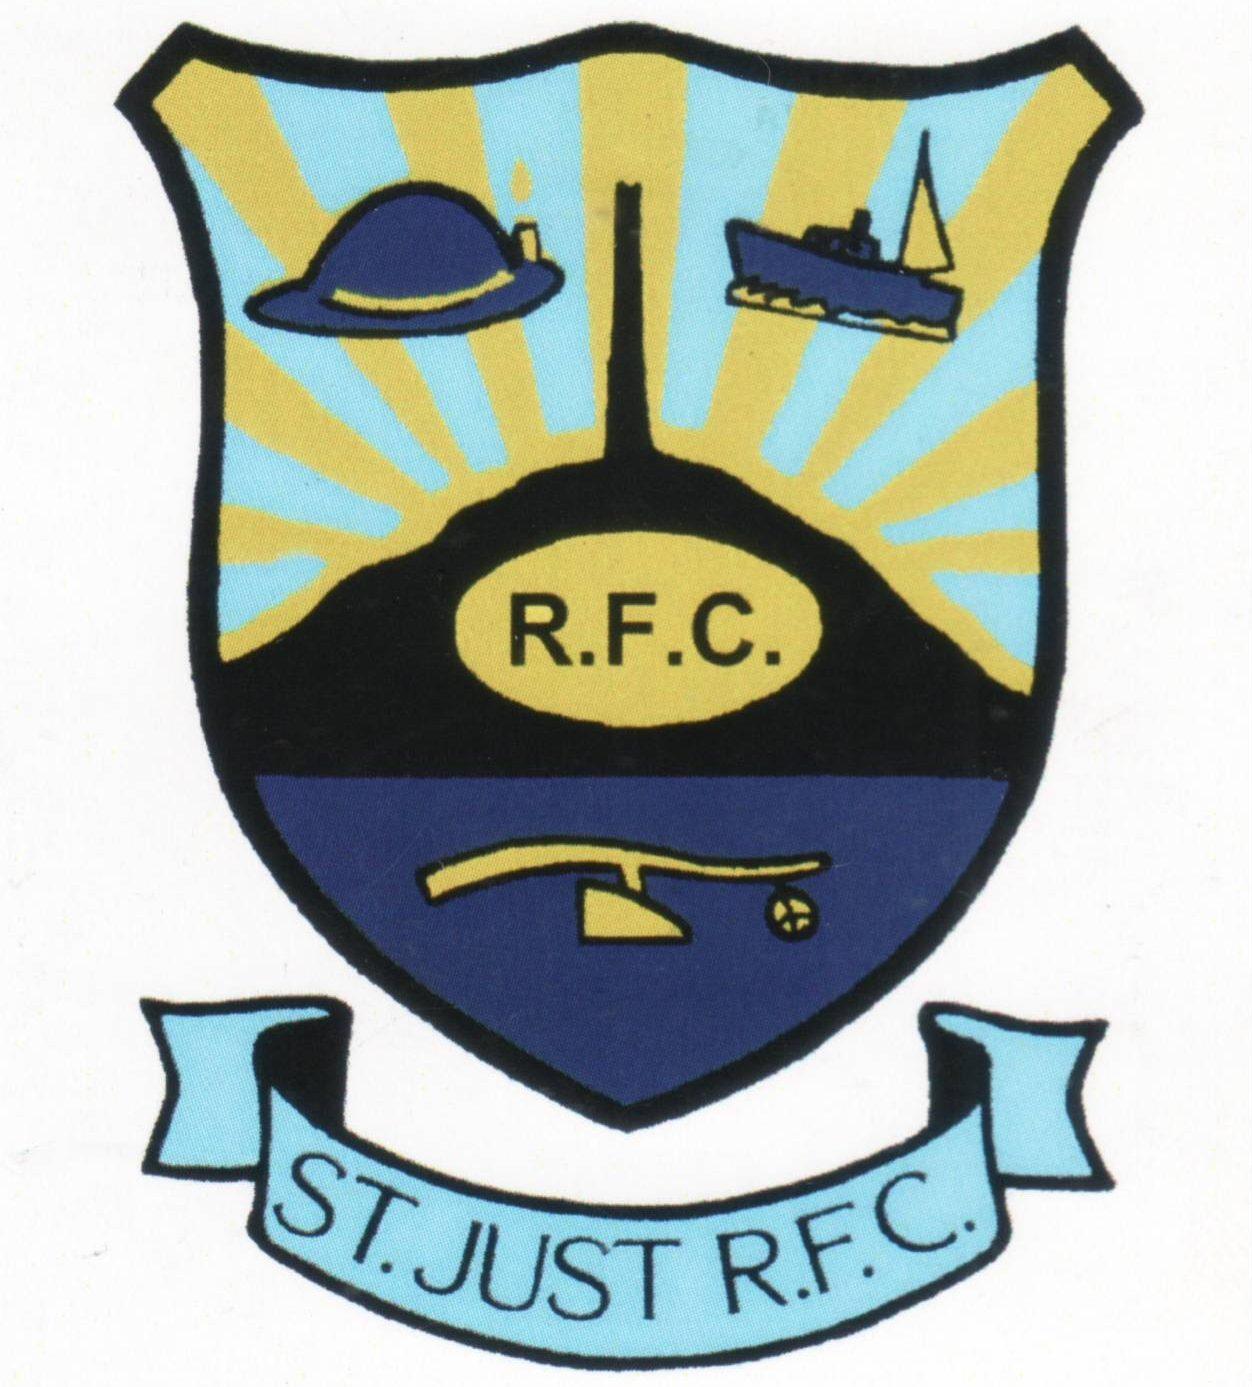 St Just RFC